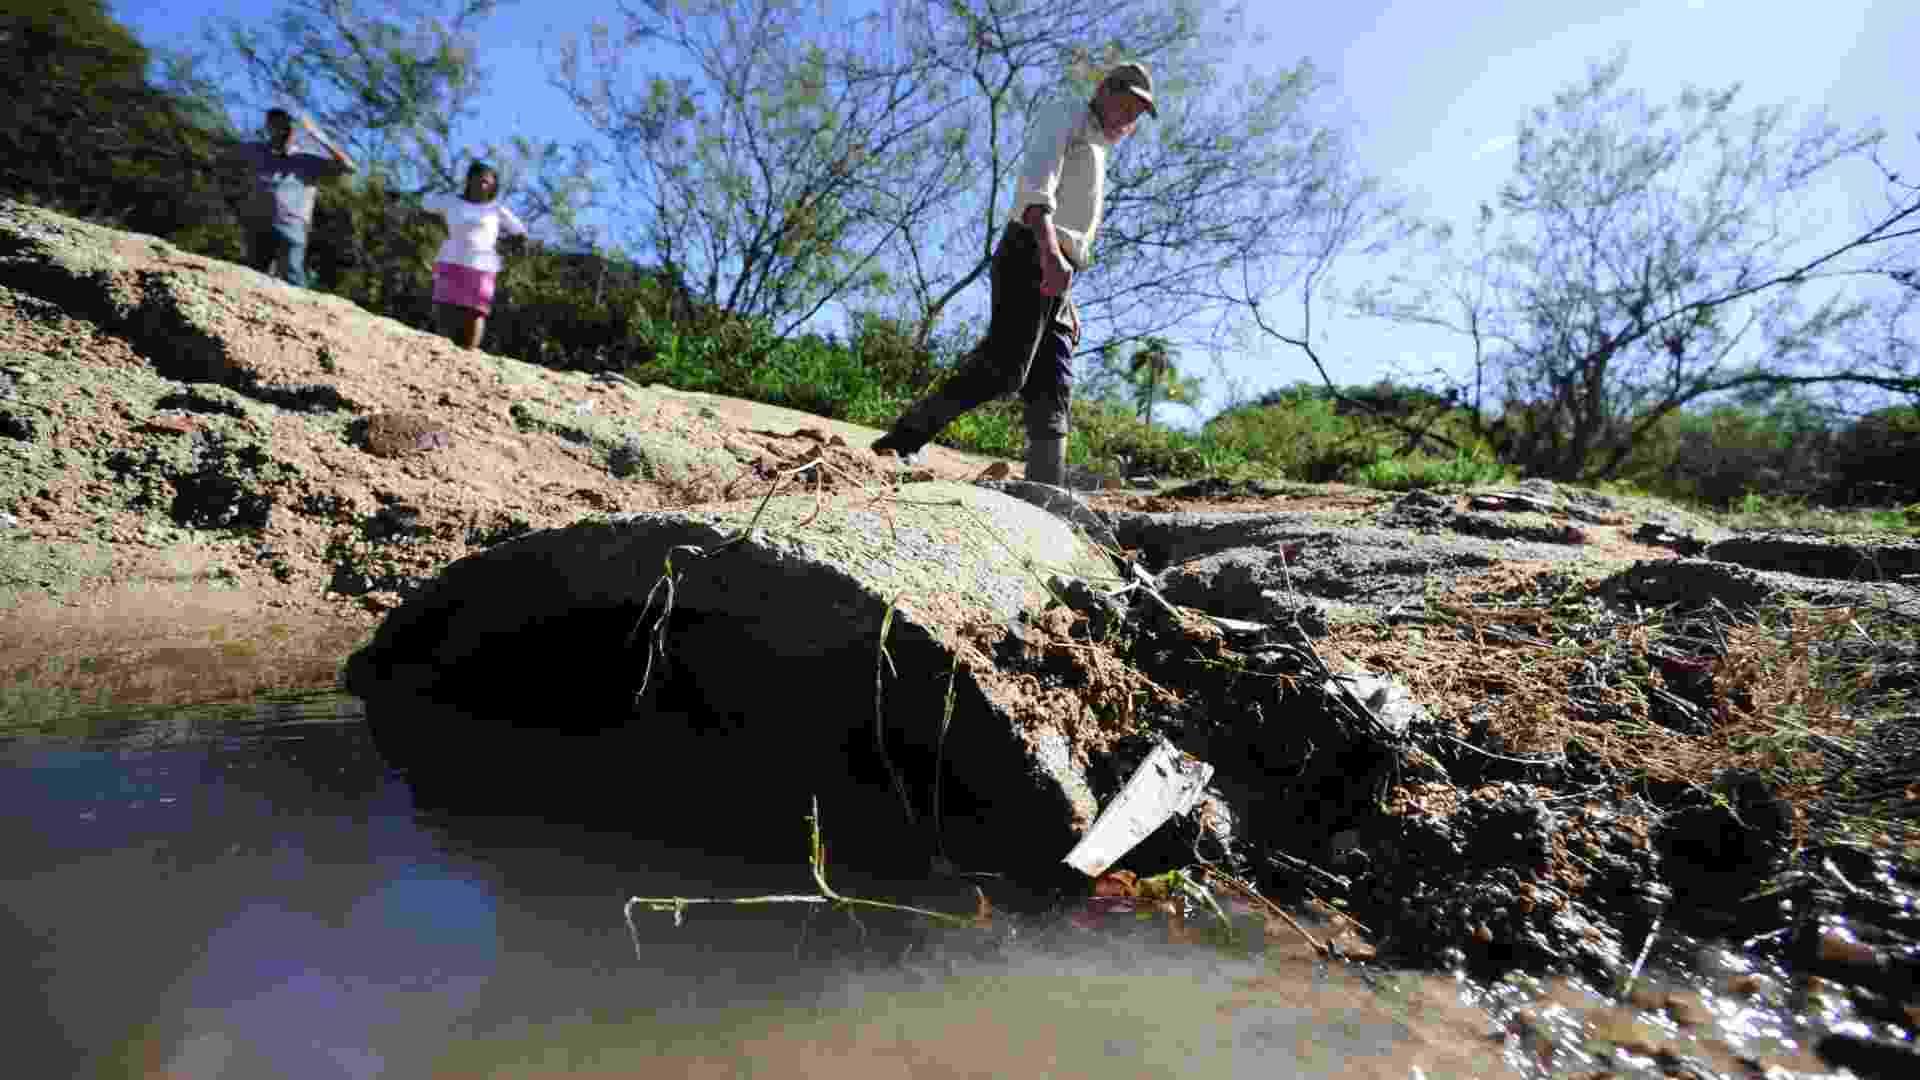 Rede esgoto a céu aberto na Rua Caciqui, em Viamão (RS). Segundo o IBGE, em 2011, apenas 28,2% (1.569) dos municípios do país possuíam Política Municipal de Saneamento Básico  - Ronaldo Bernardi/Agência RBS